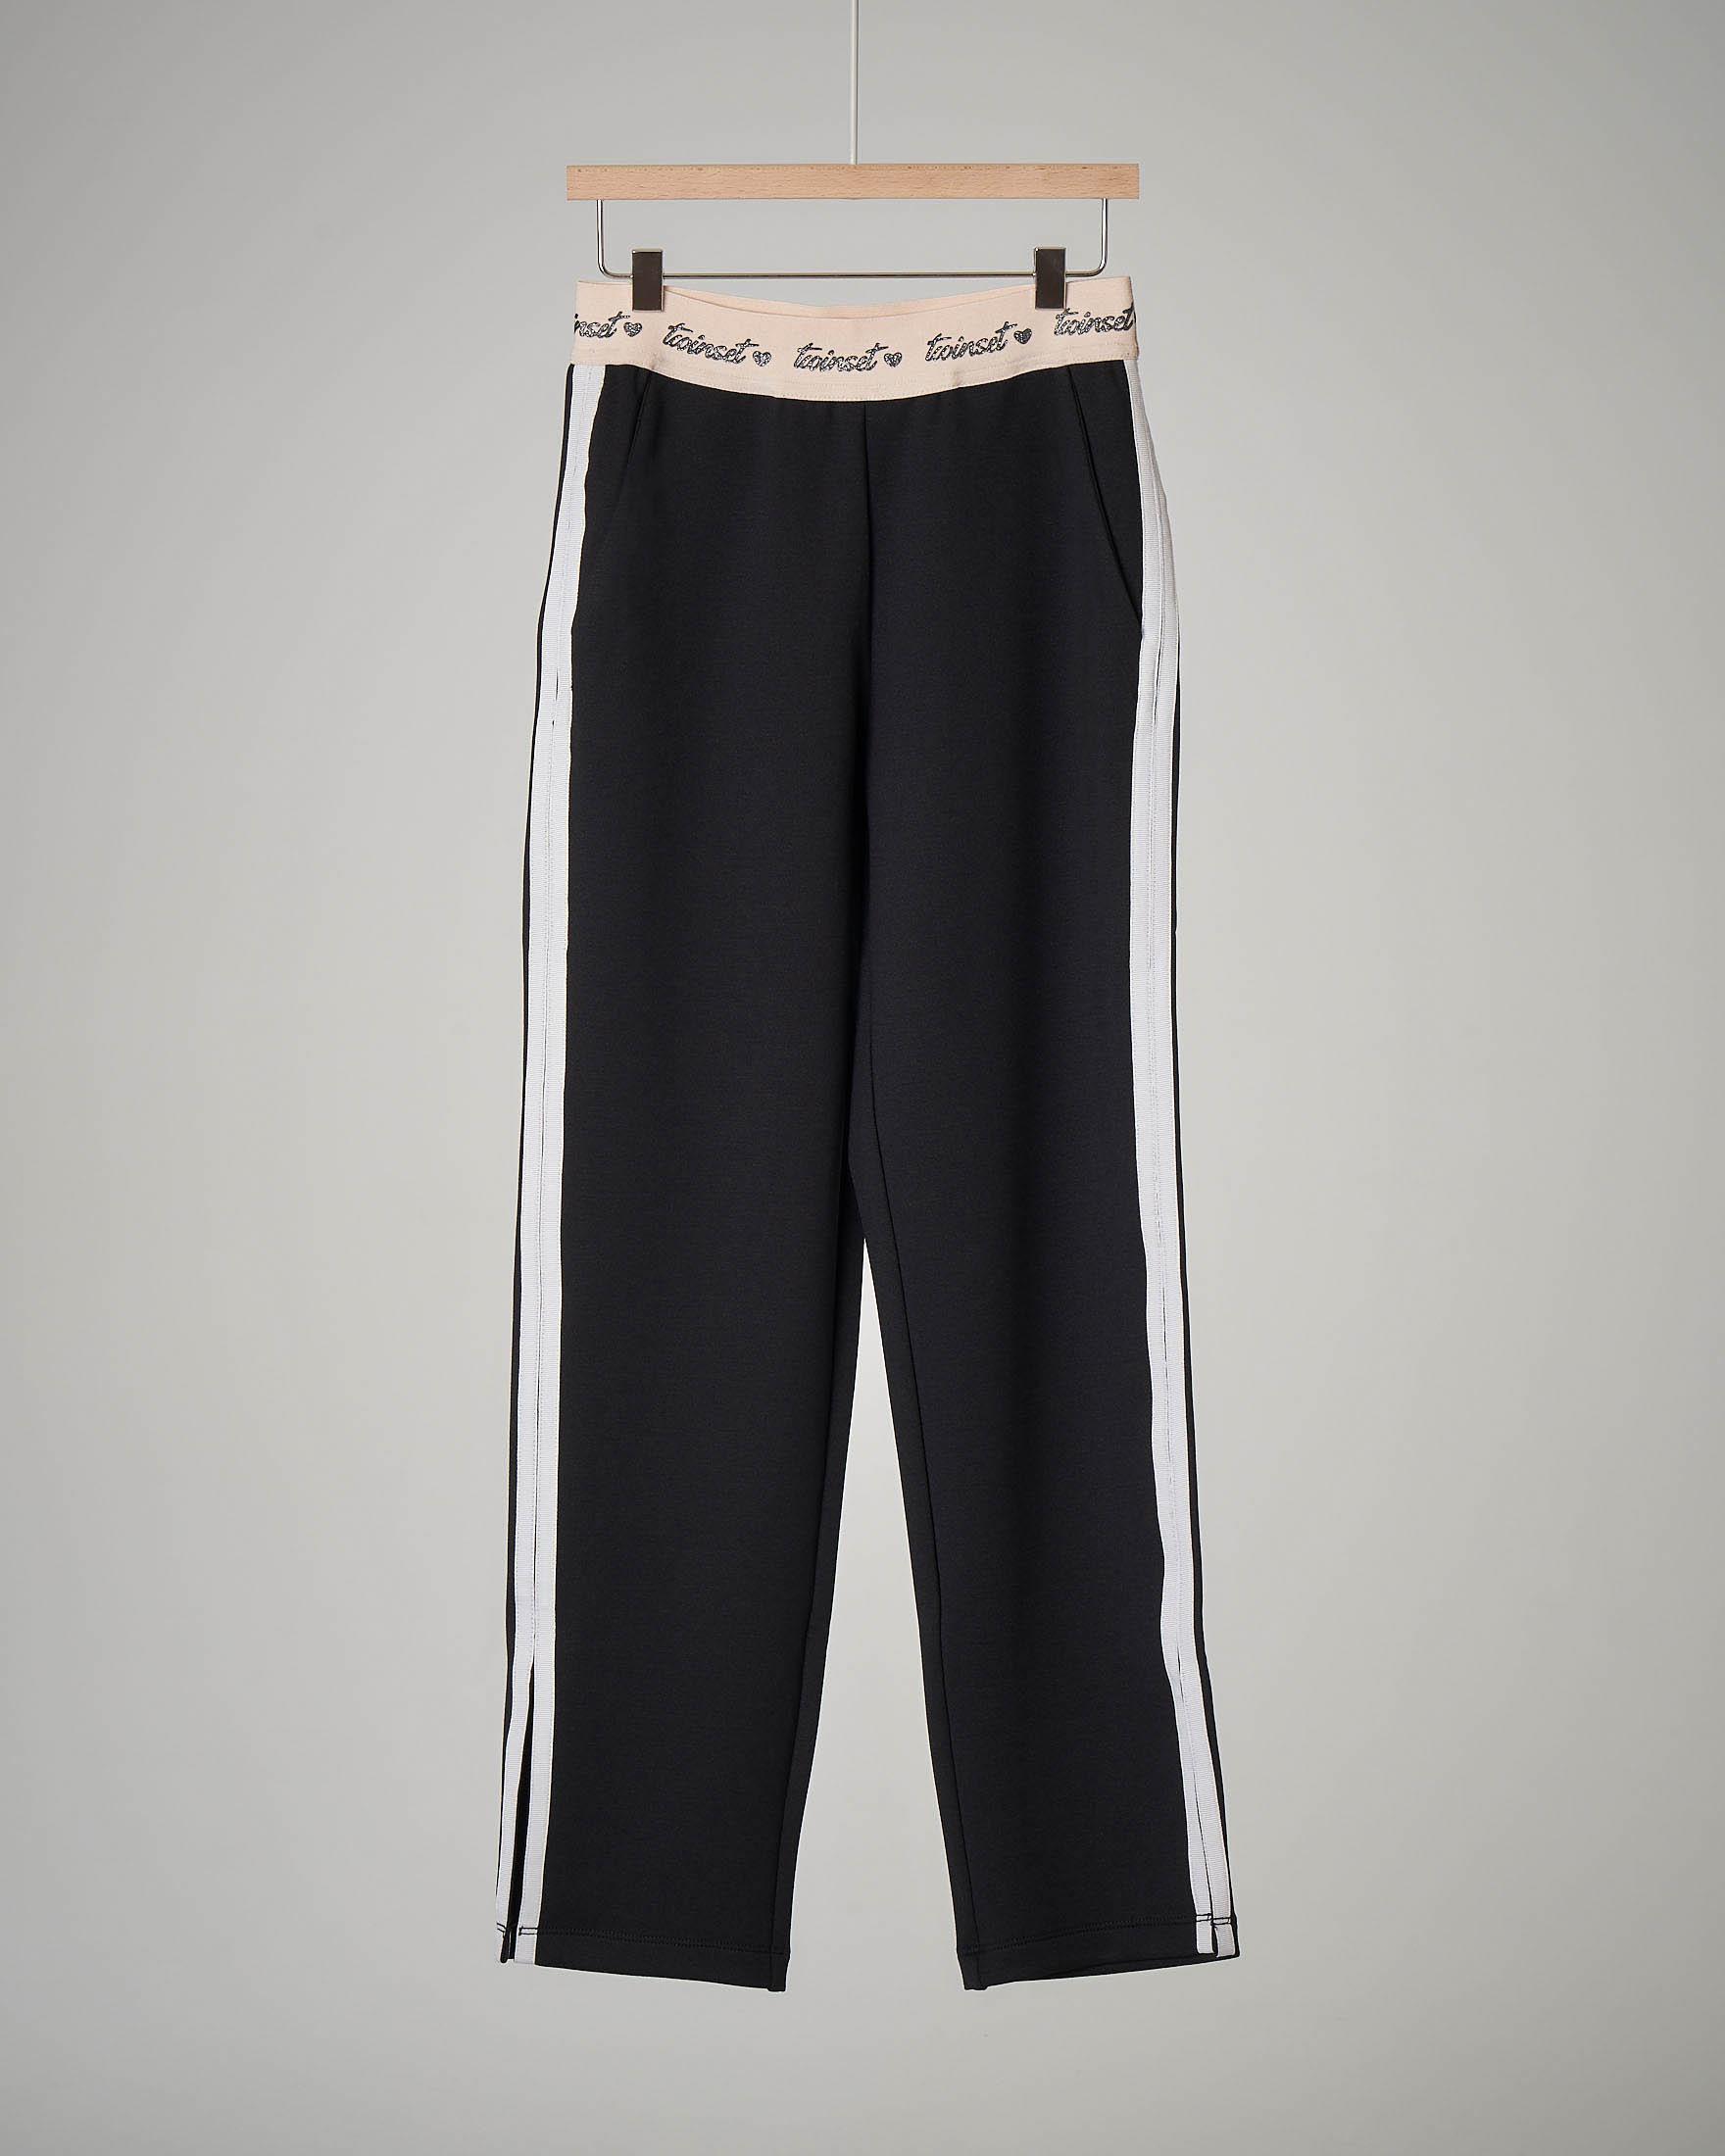 Pantalone nero con banda